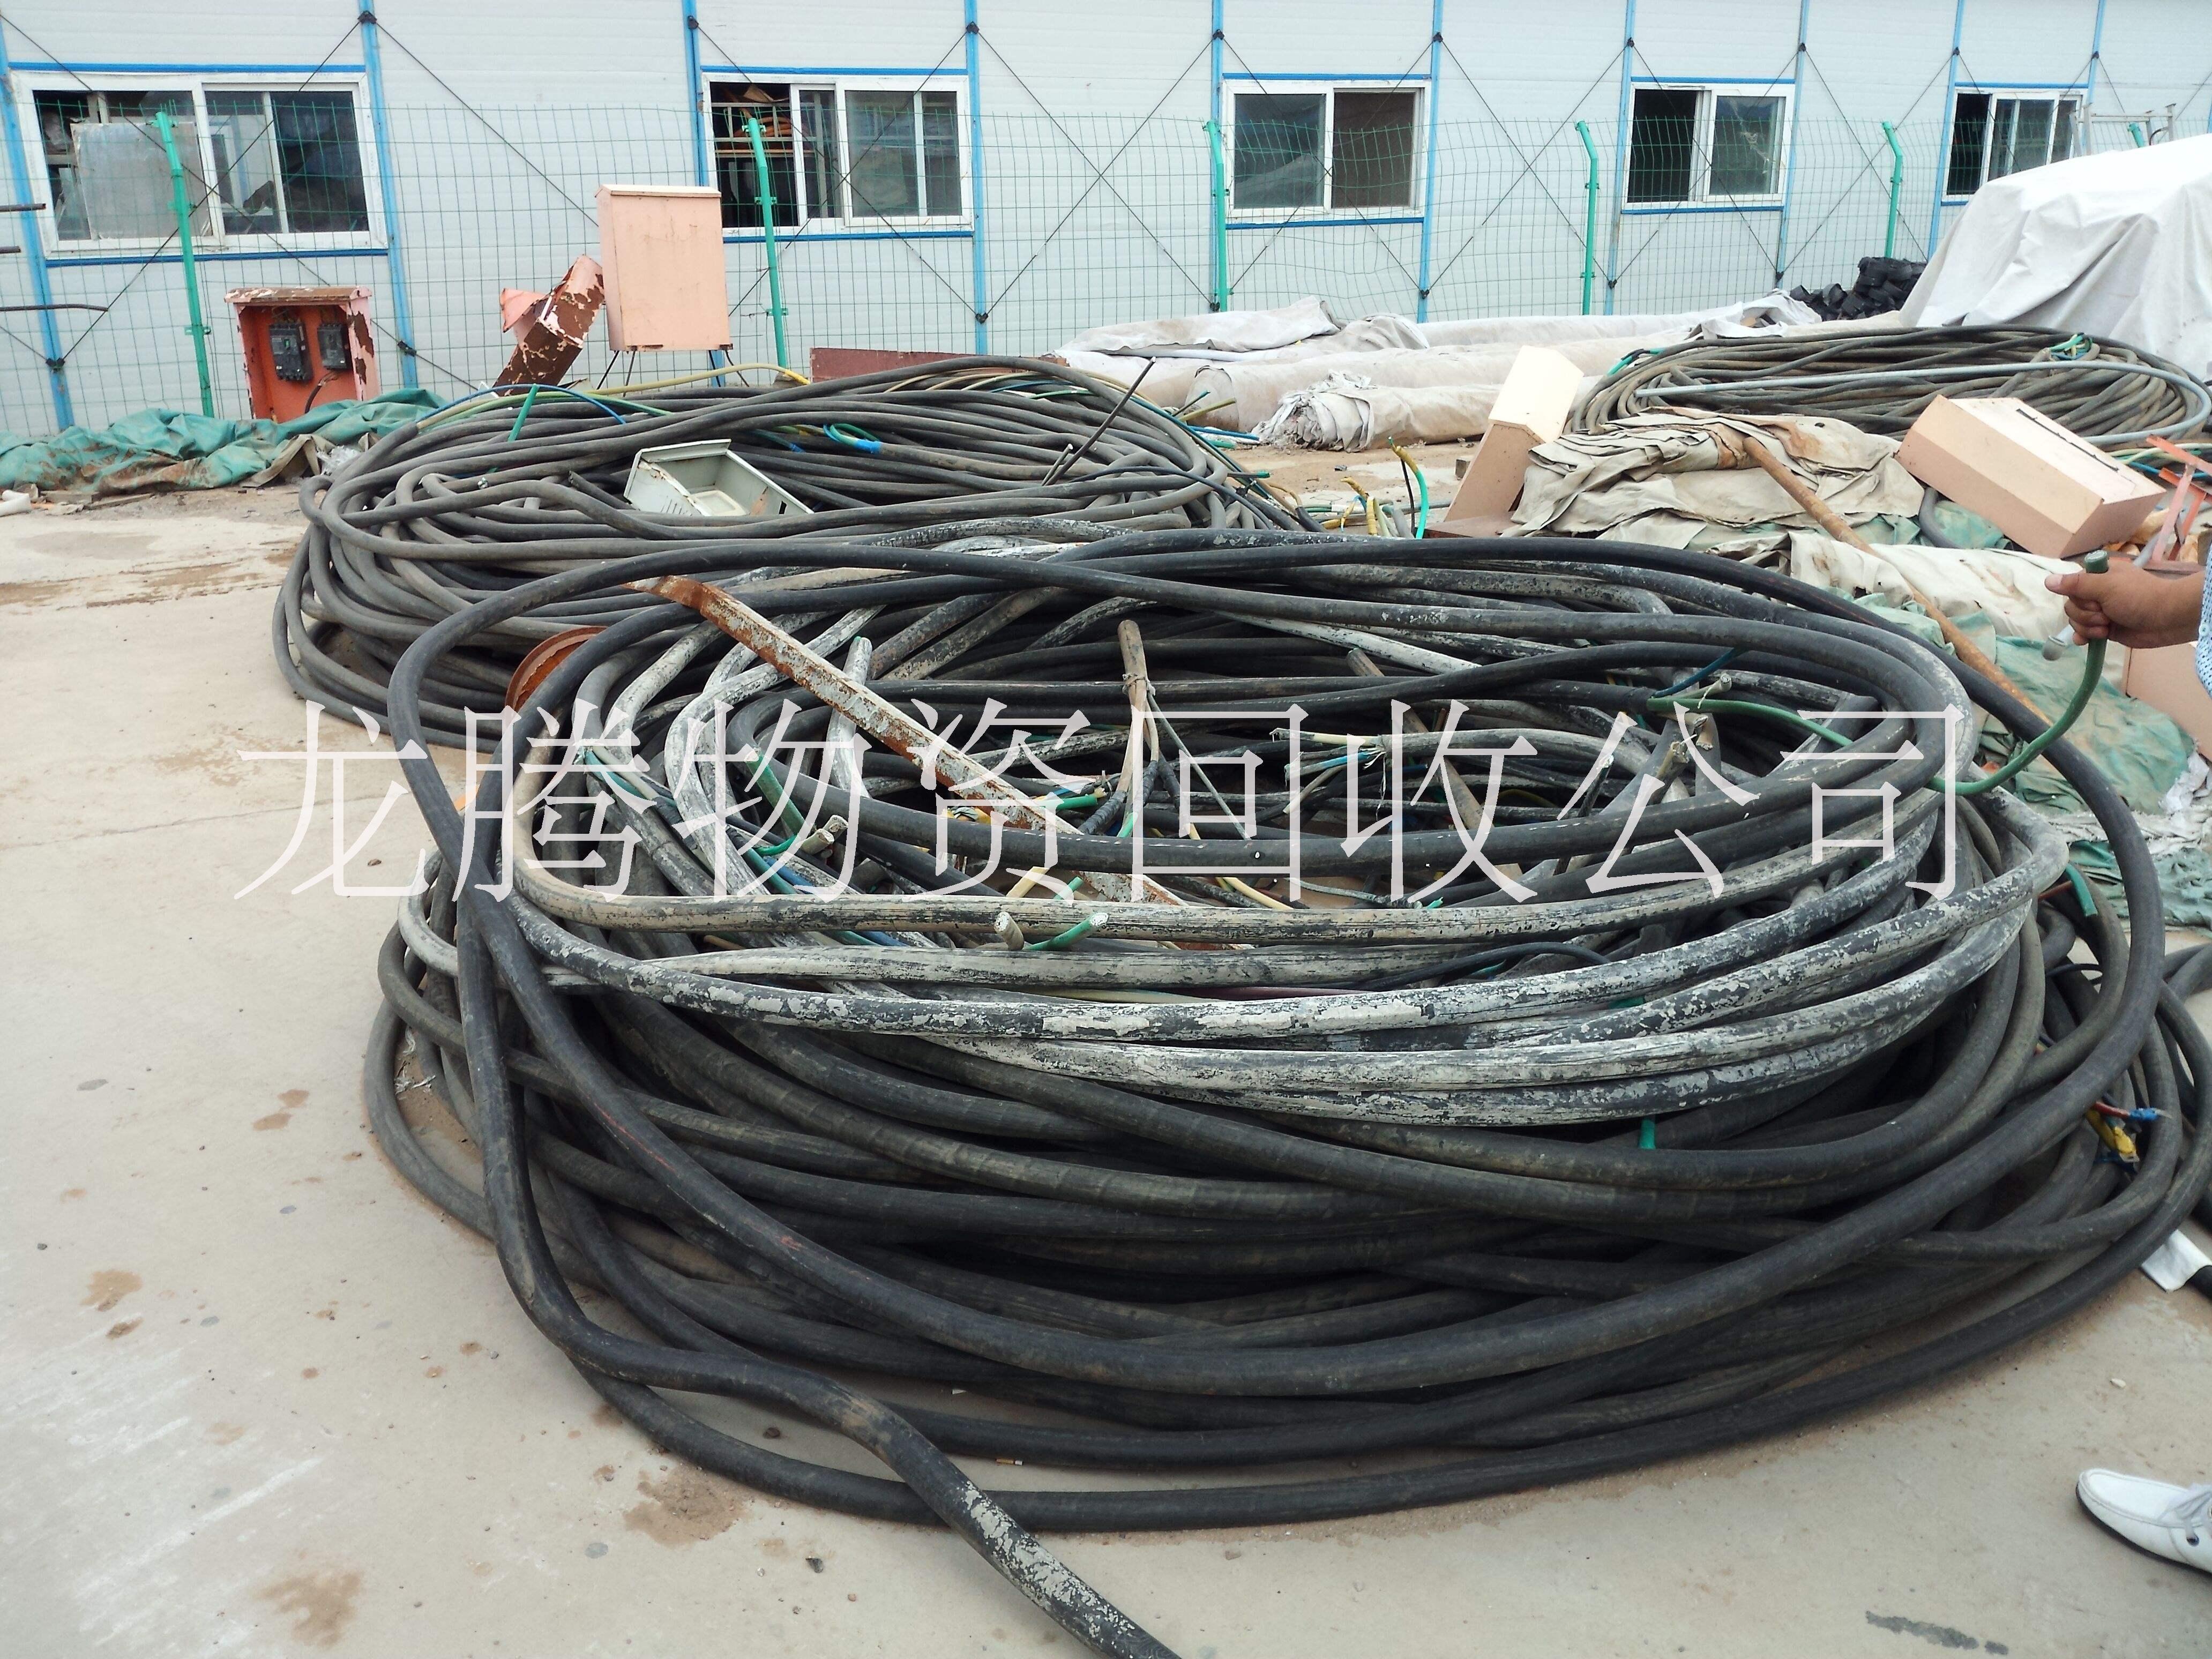 电线电缆回收高价电线电缆回收电线电缆回收公司电线电缆回收厂家